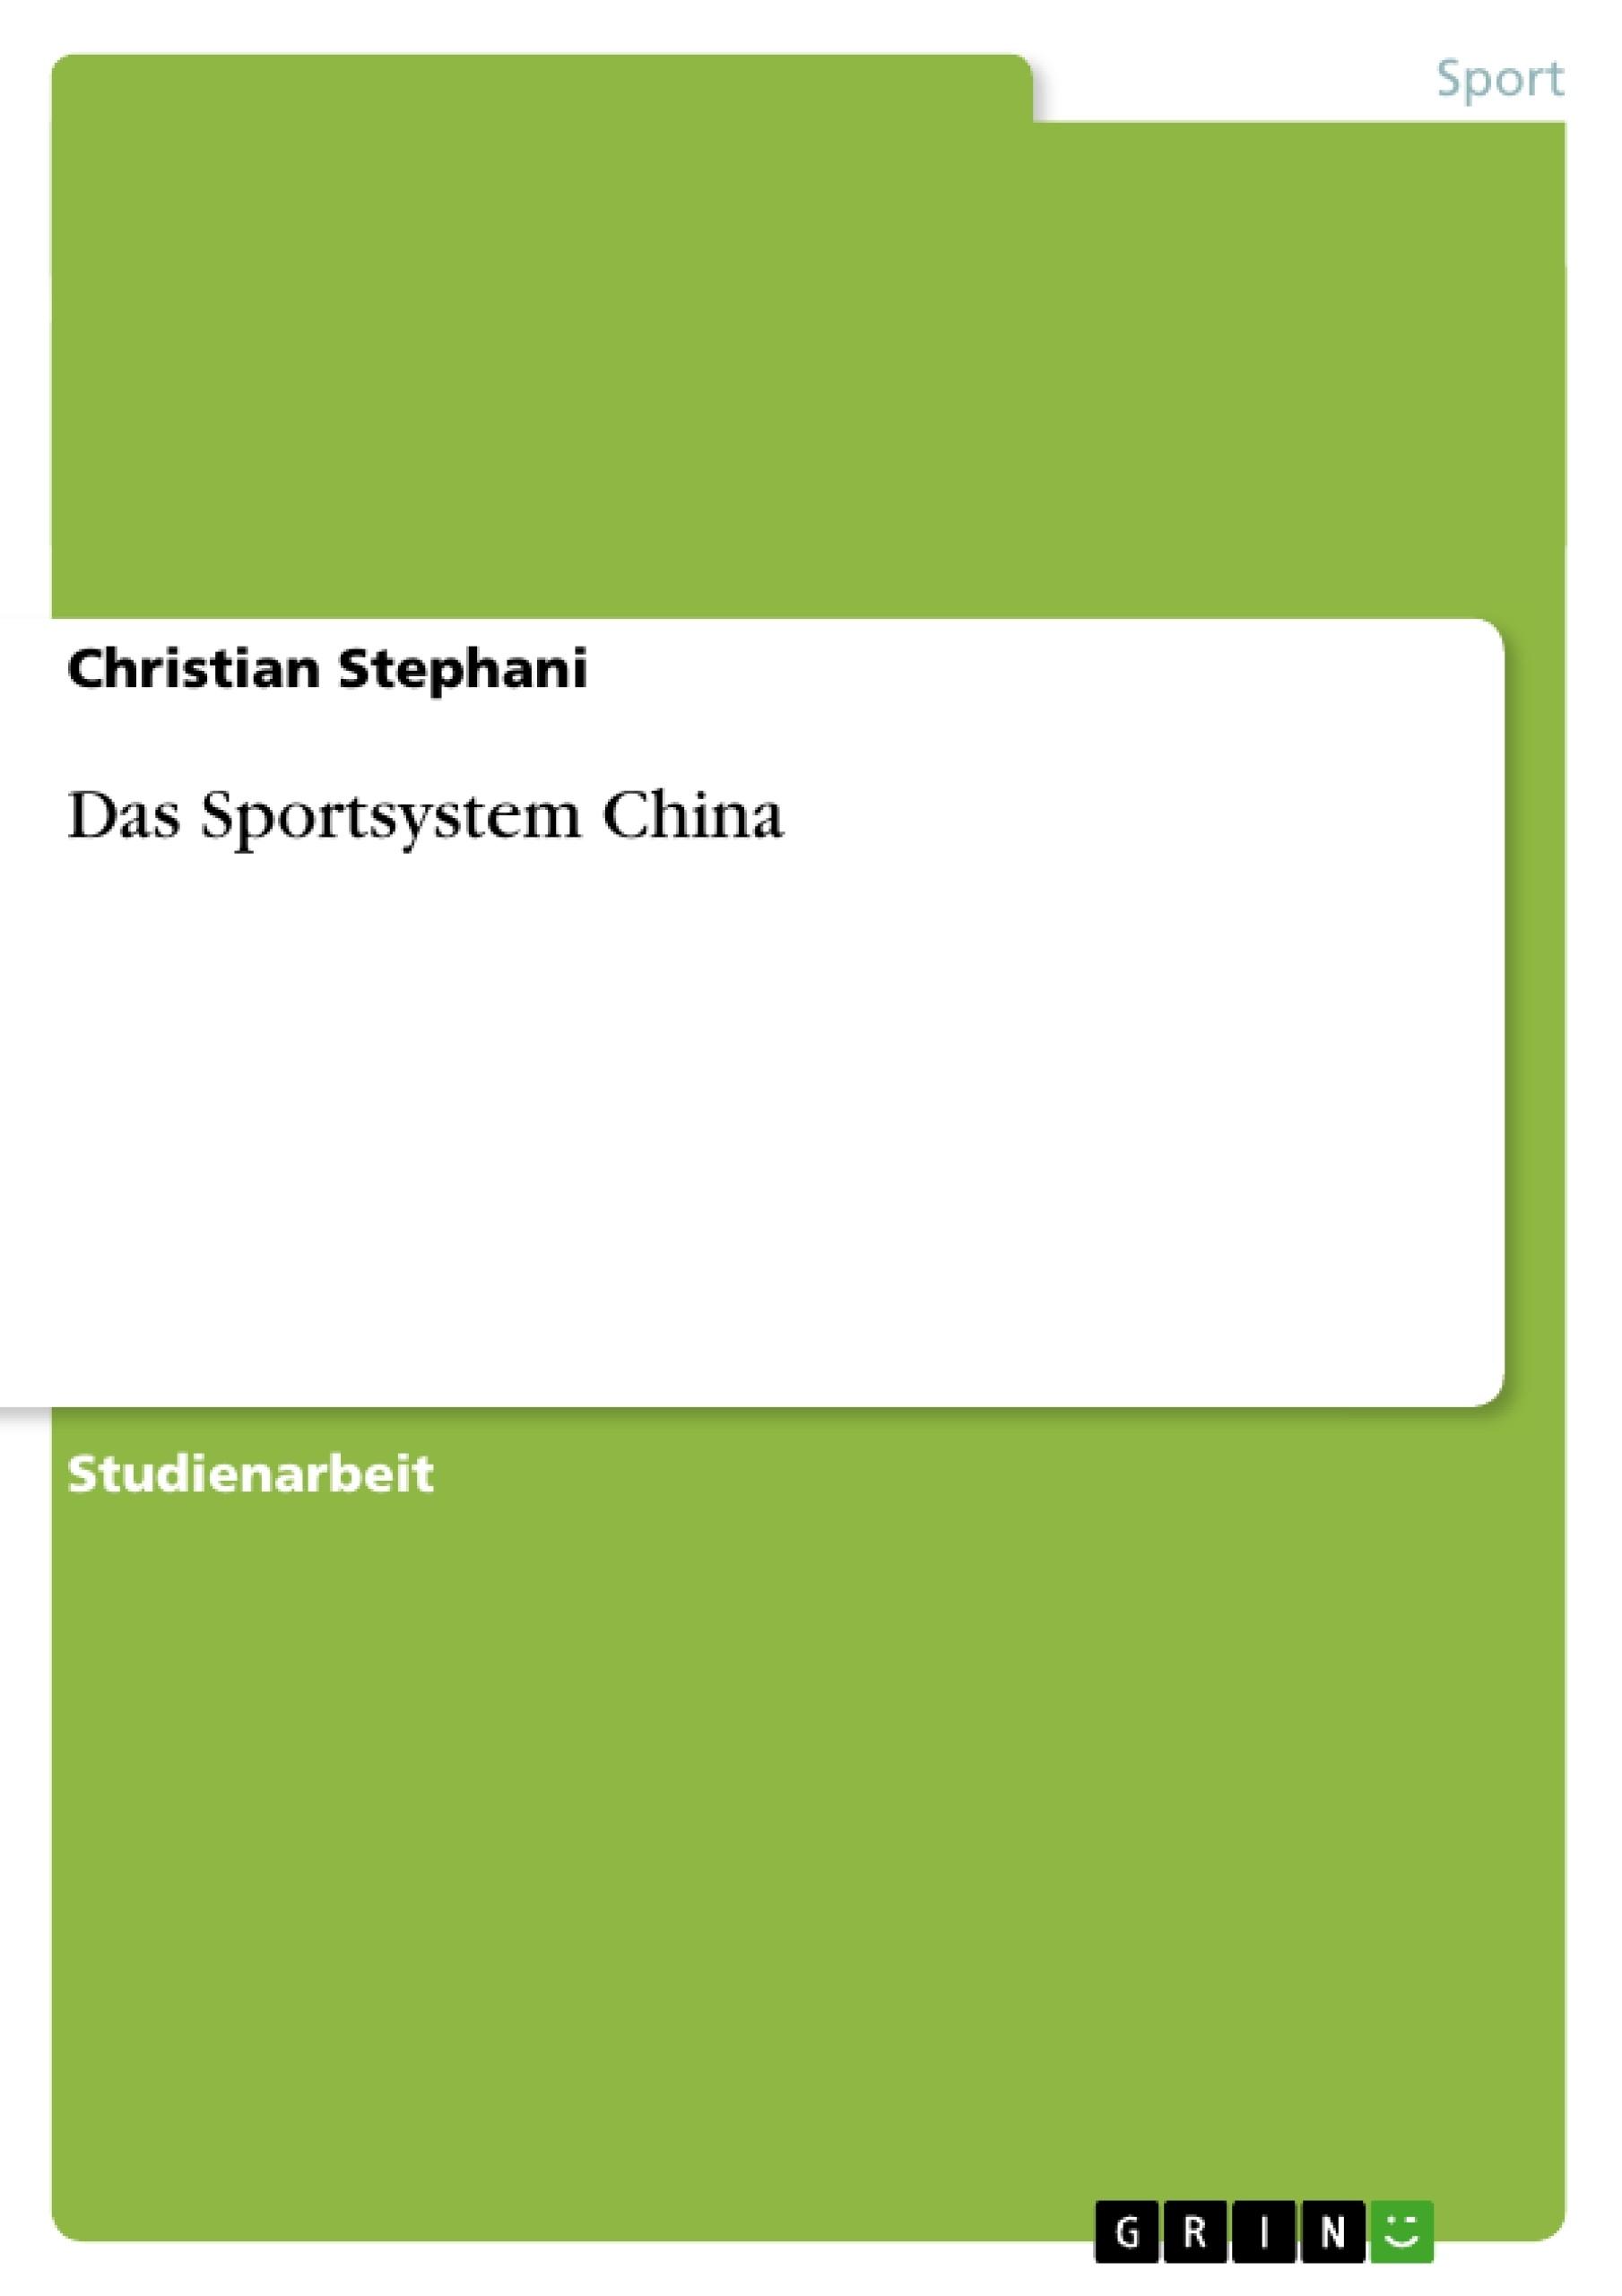 Titel: Das Sportsystem China